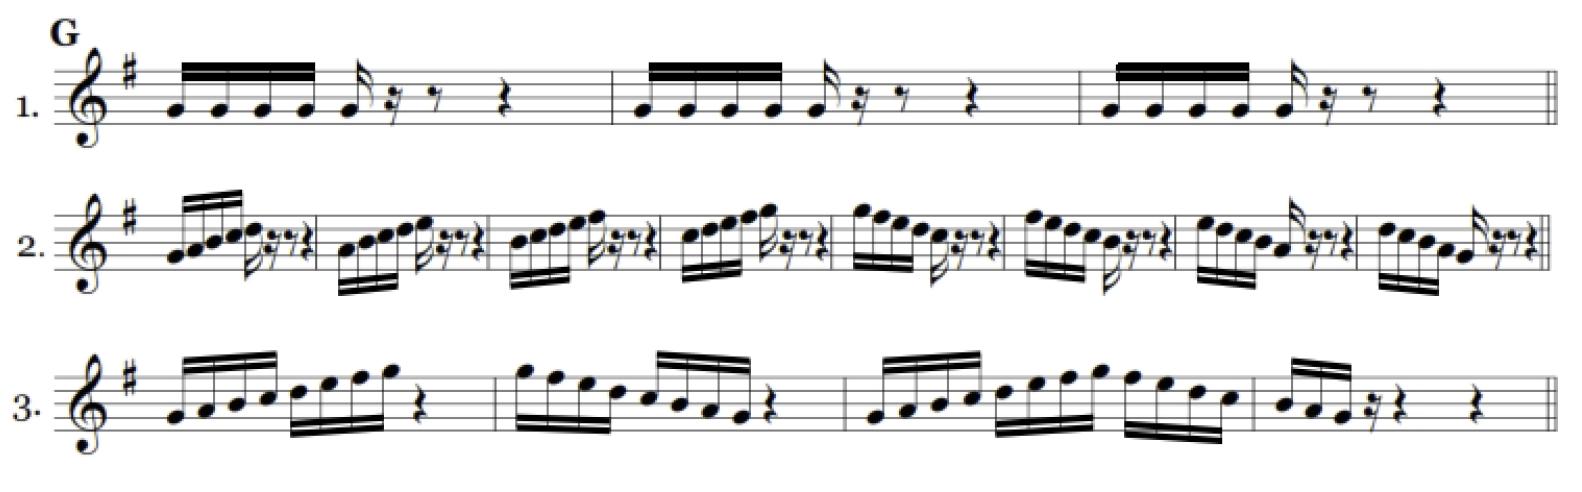 Clarinet Undertones 4